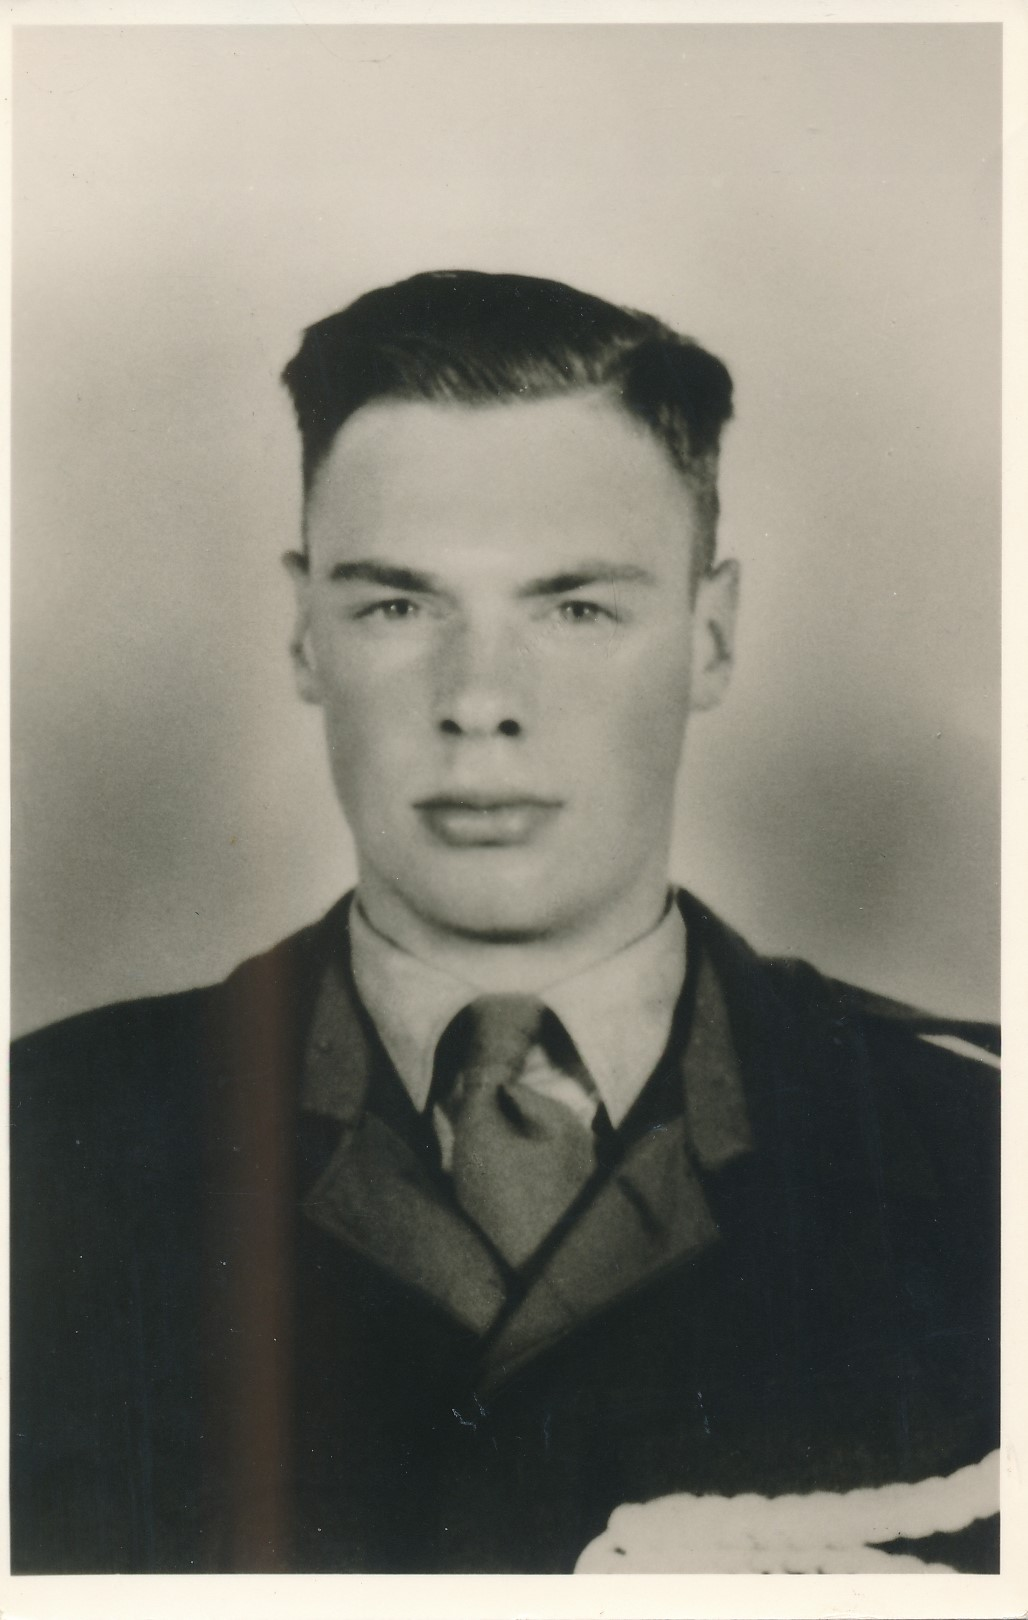 Fotoalbum Andre Kamsma, 134, Lauw Kamsma by de militaire tsjinst, Maresjesjee, 1955